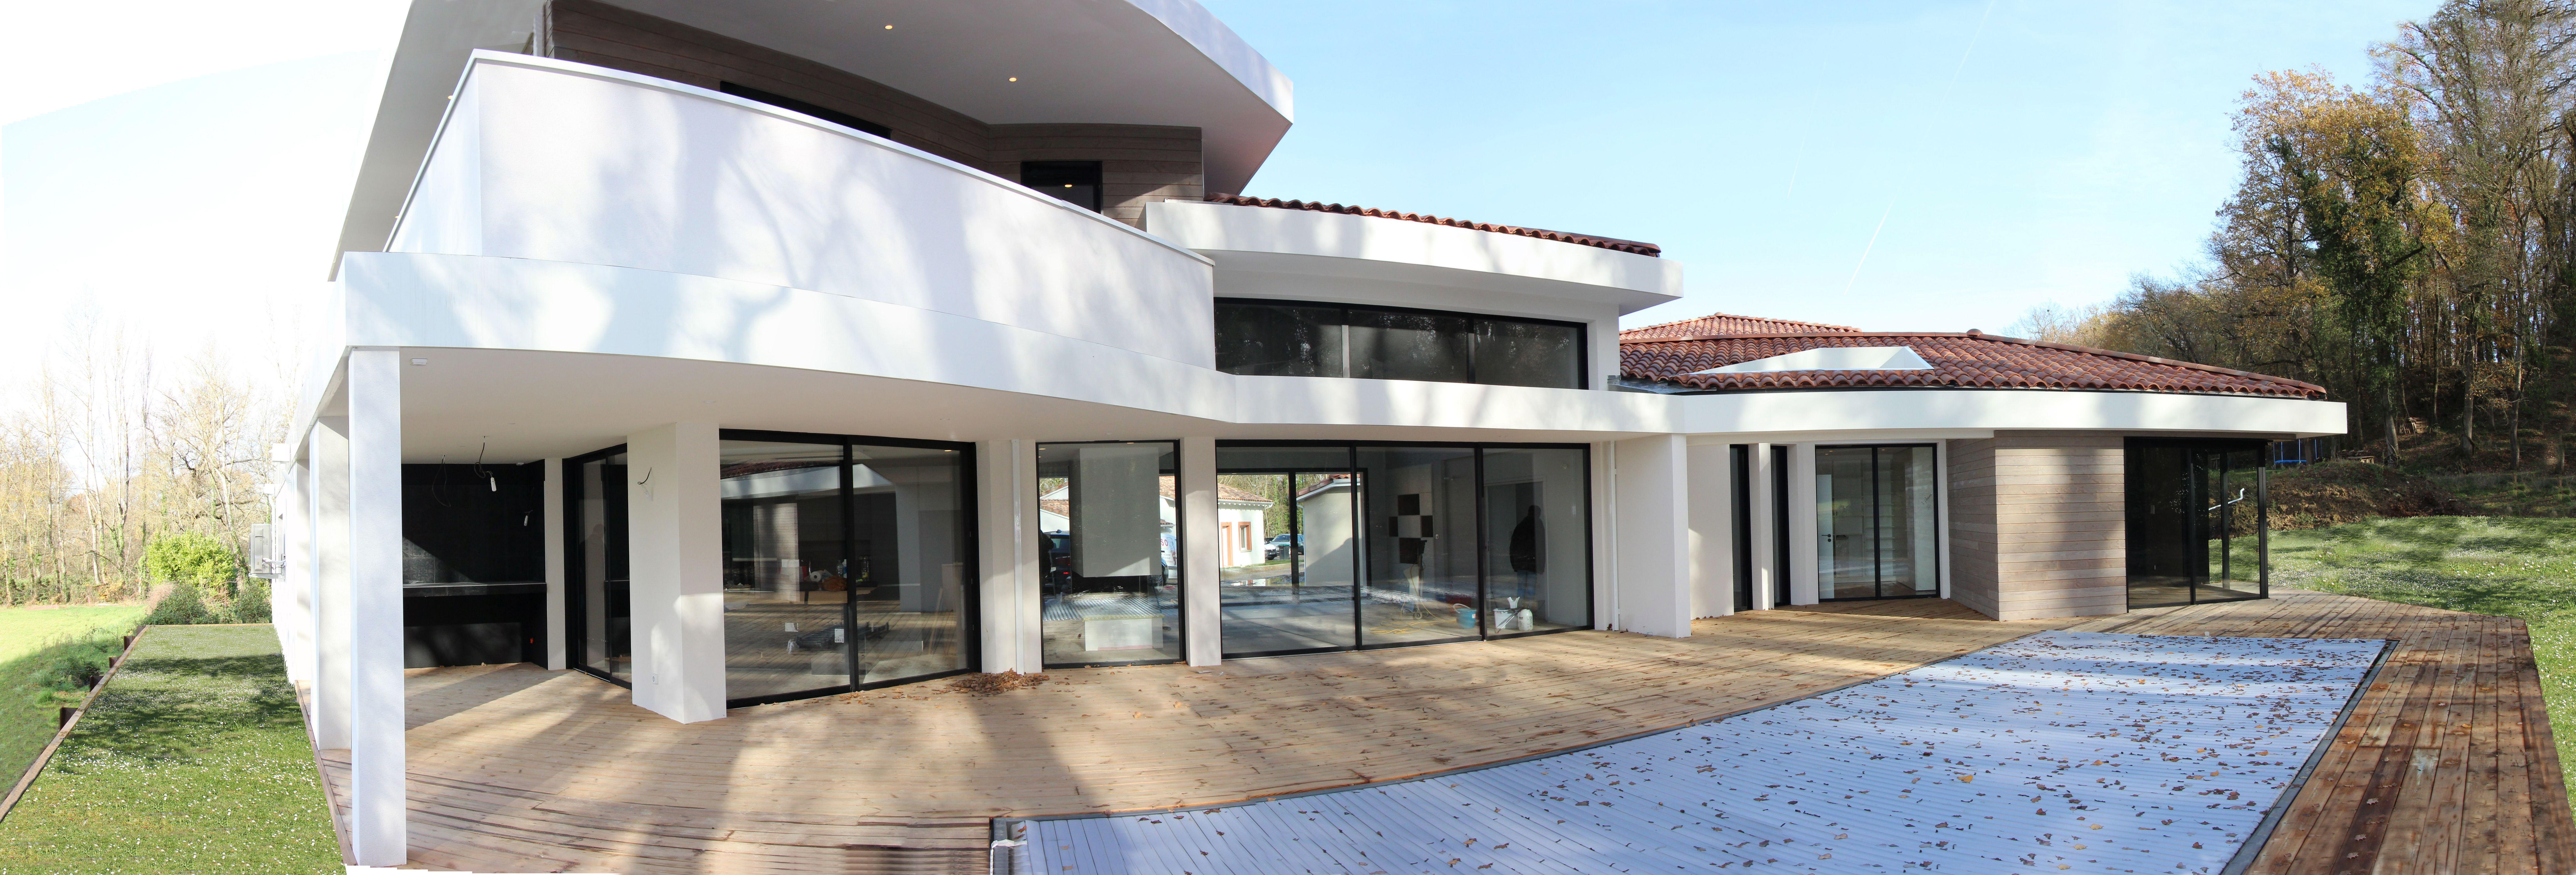 Villa De Luxe A Casquettes Beton Au Larges Debords De Toit Avec Grandes Baies Vitrees Toute Hauteur A Gal Maison Contemporaine Maison Architecte Maison Moderne